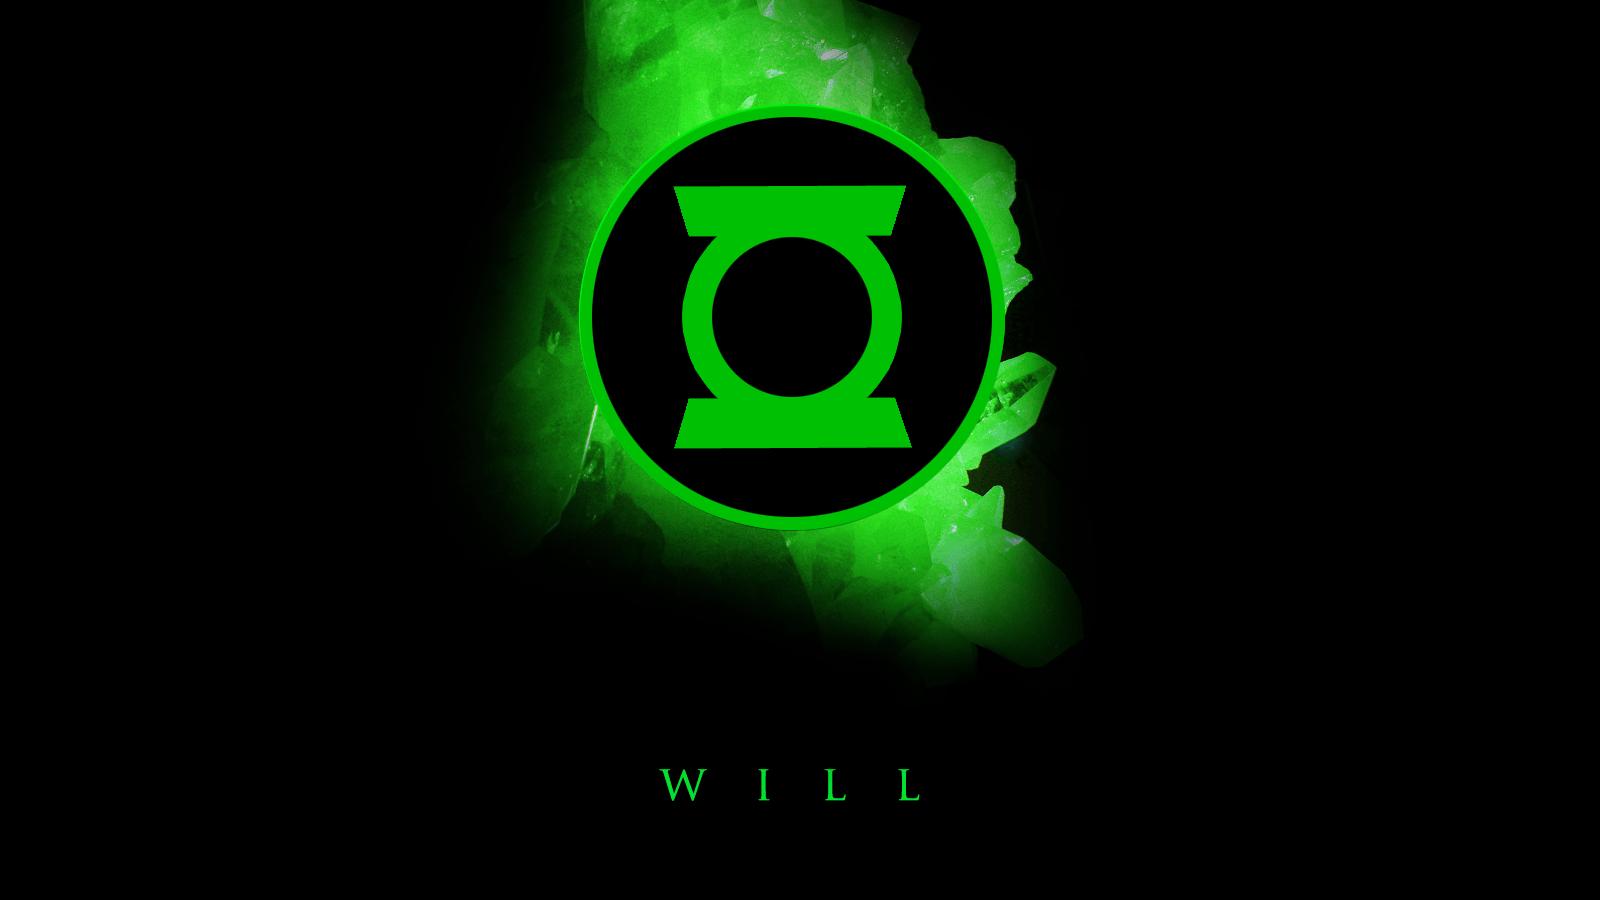 Green Lantern Symbol Wallpapers Top Free Green Lantern Symbol Backgrounds Wallpaperaccess